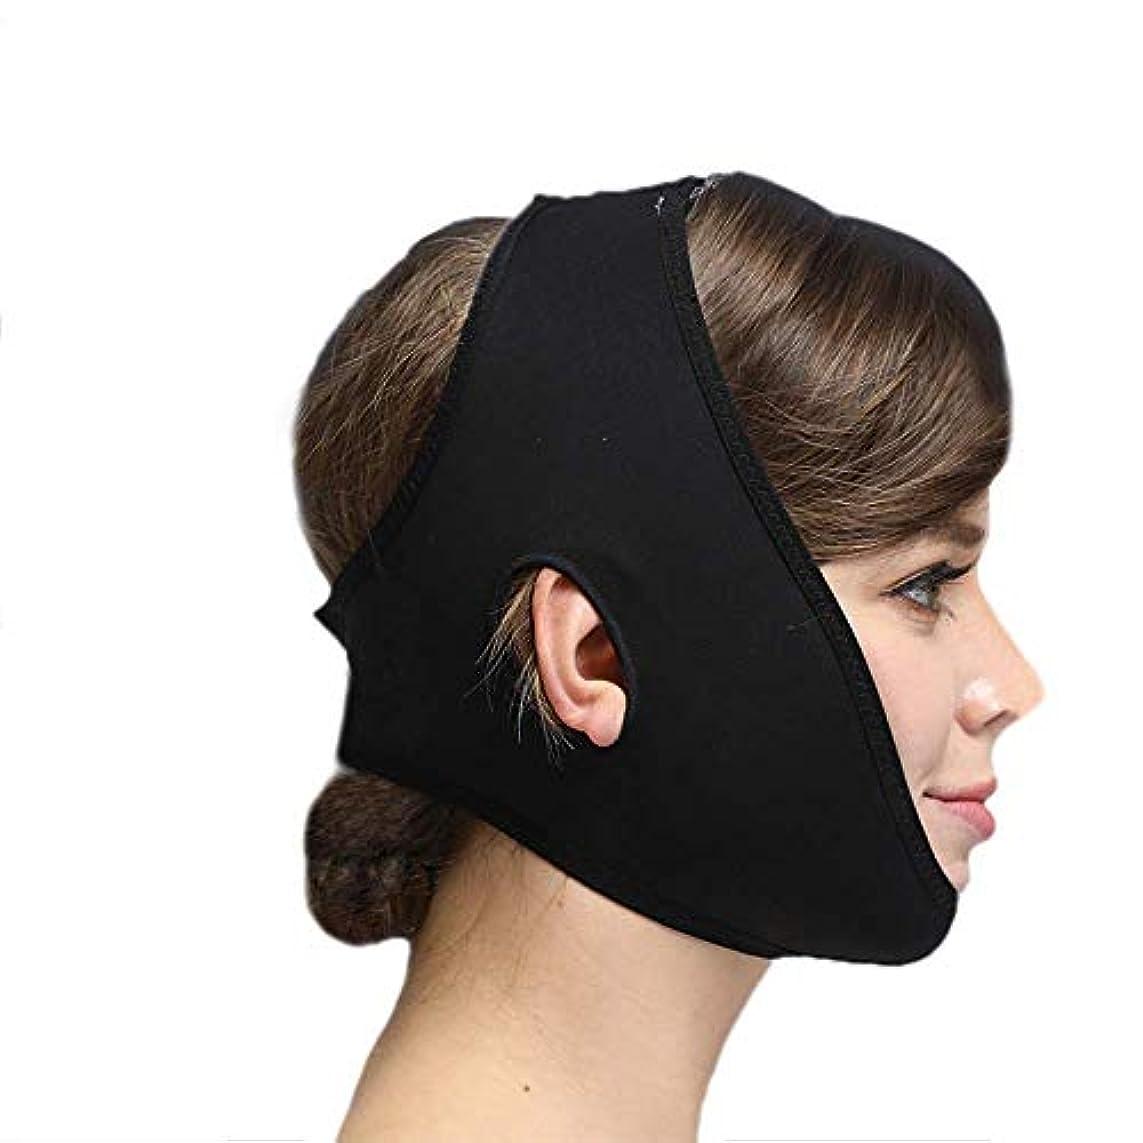 ガロン米国良いフェイススリミングマスク、快適さと通気性、フェイシャルリフティング、輪郭の改善された硬さ、ファーミングとリフティングフェイス(カラー:ブラック、サイズ:XL),ブラック2、XL